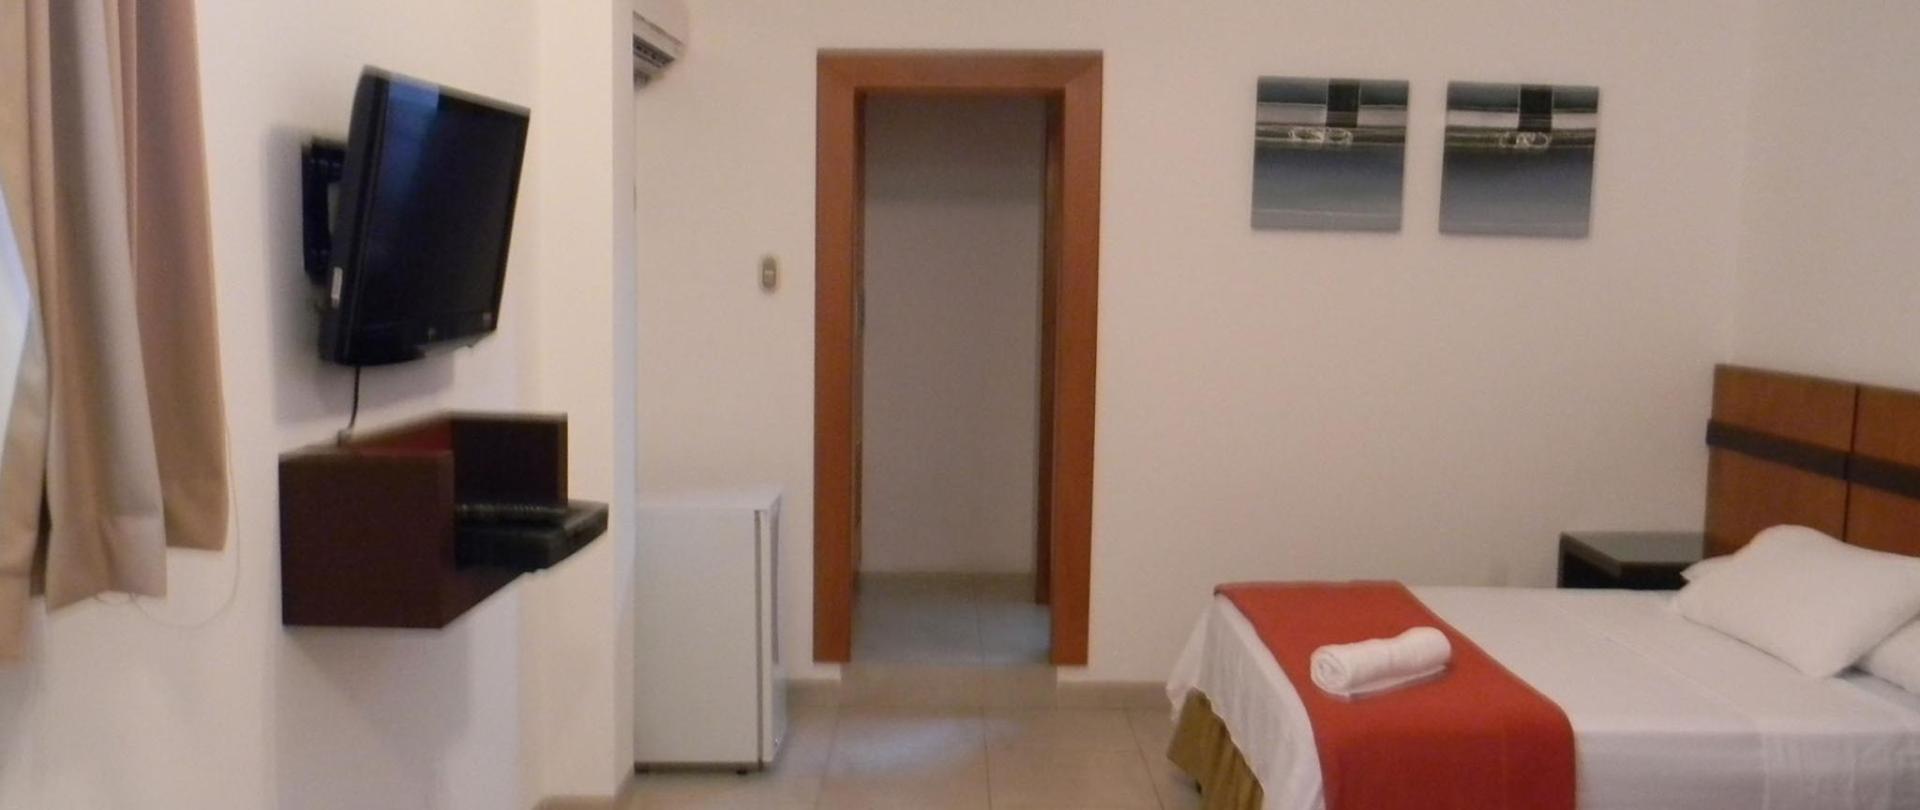 apart-suites-45.jpg